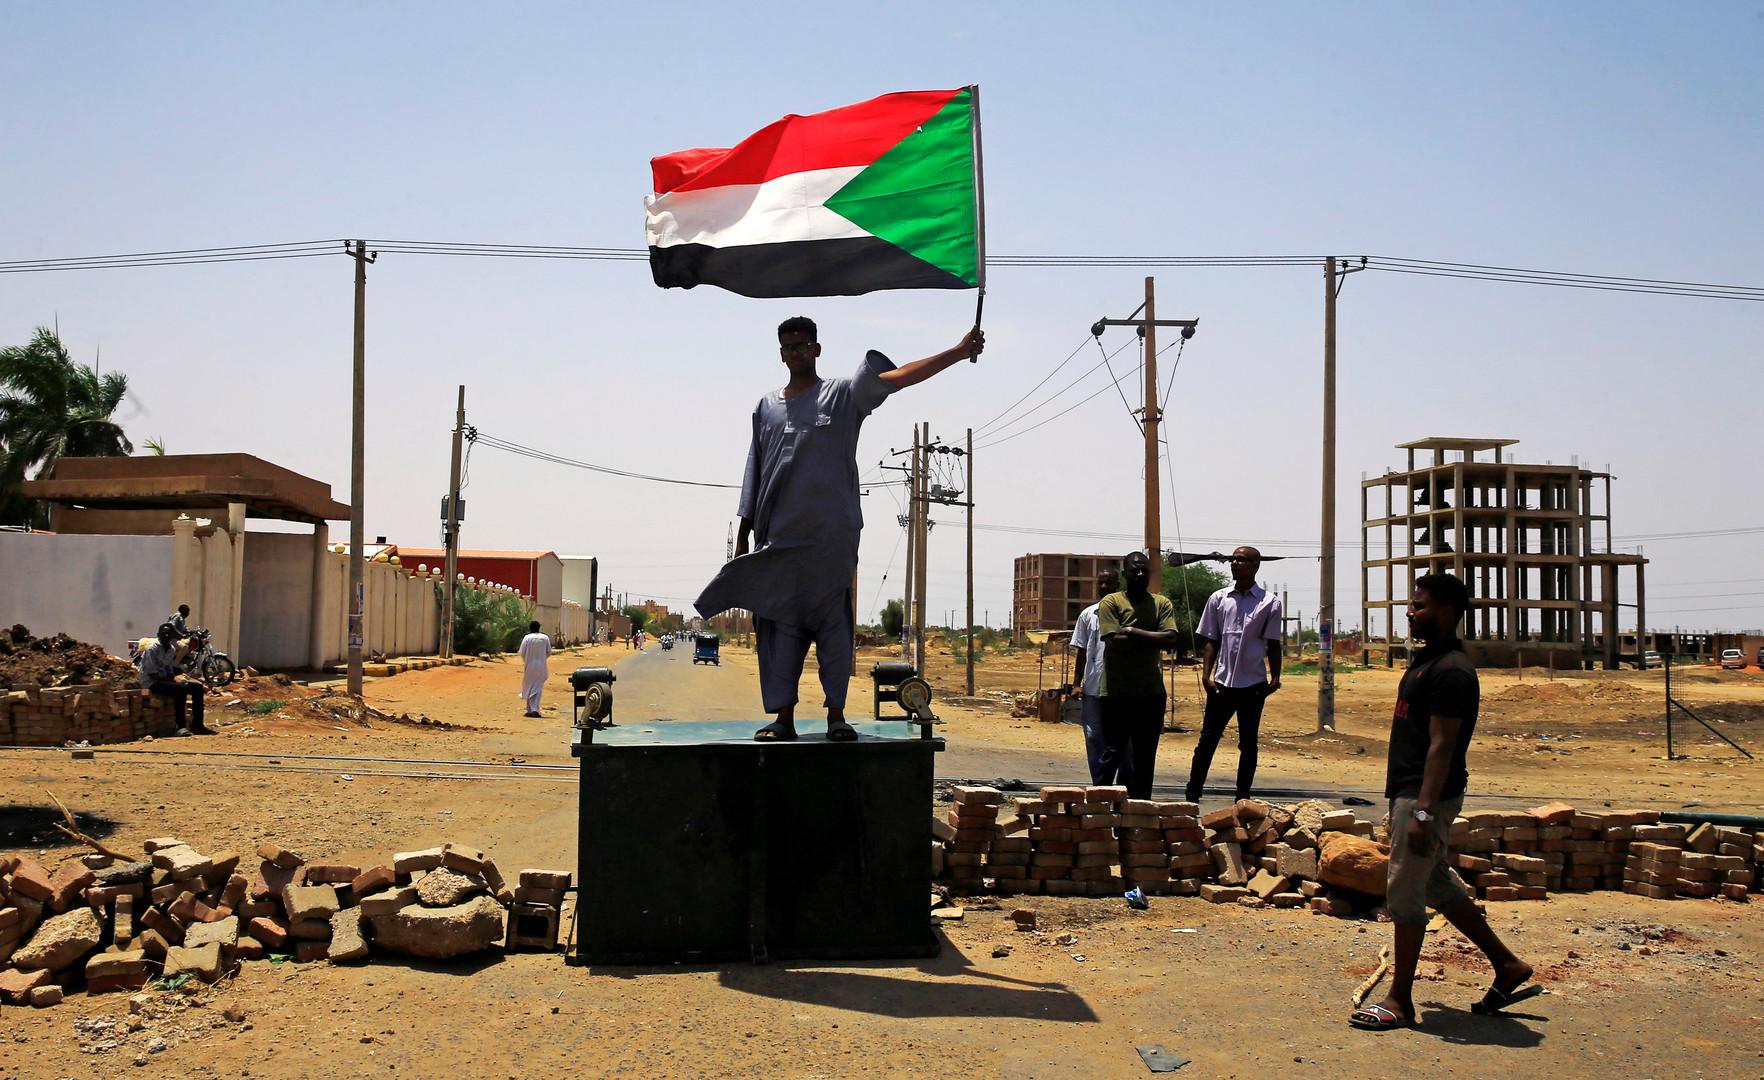 لجنة أطباء السودان: ارتفاع عدد ضحايا فض الاعتصام أمام مقر قيادة الجيش إلى 101 قتيل